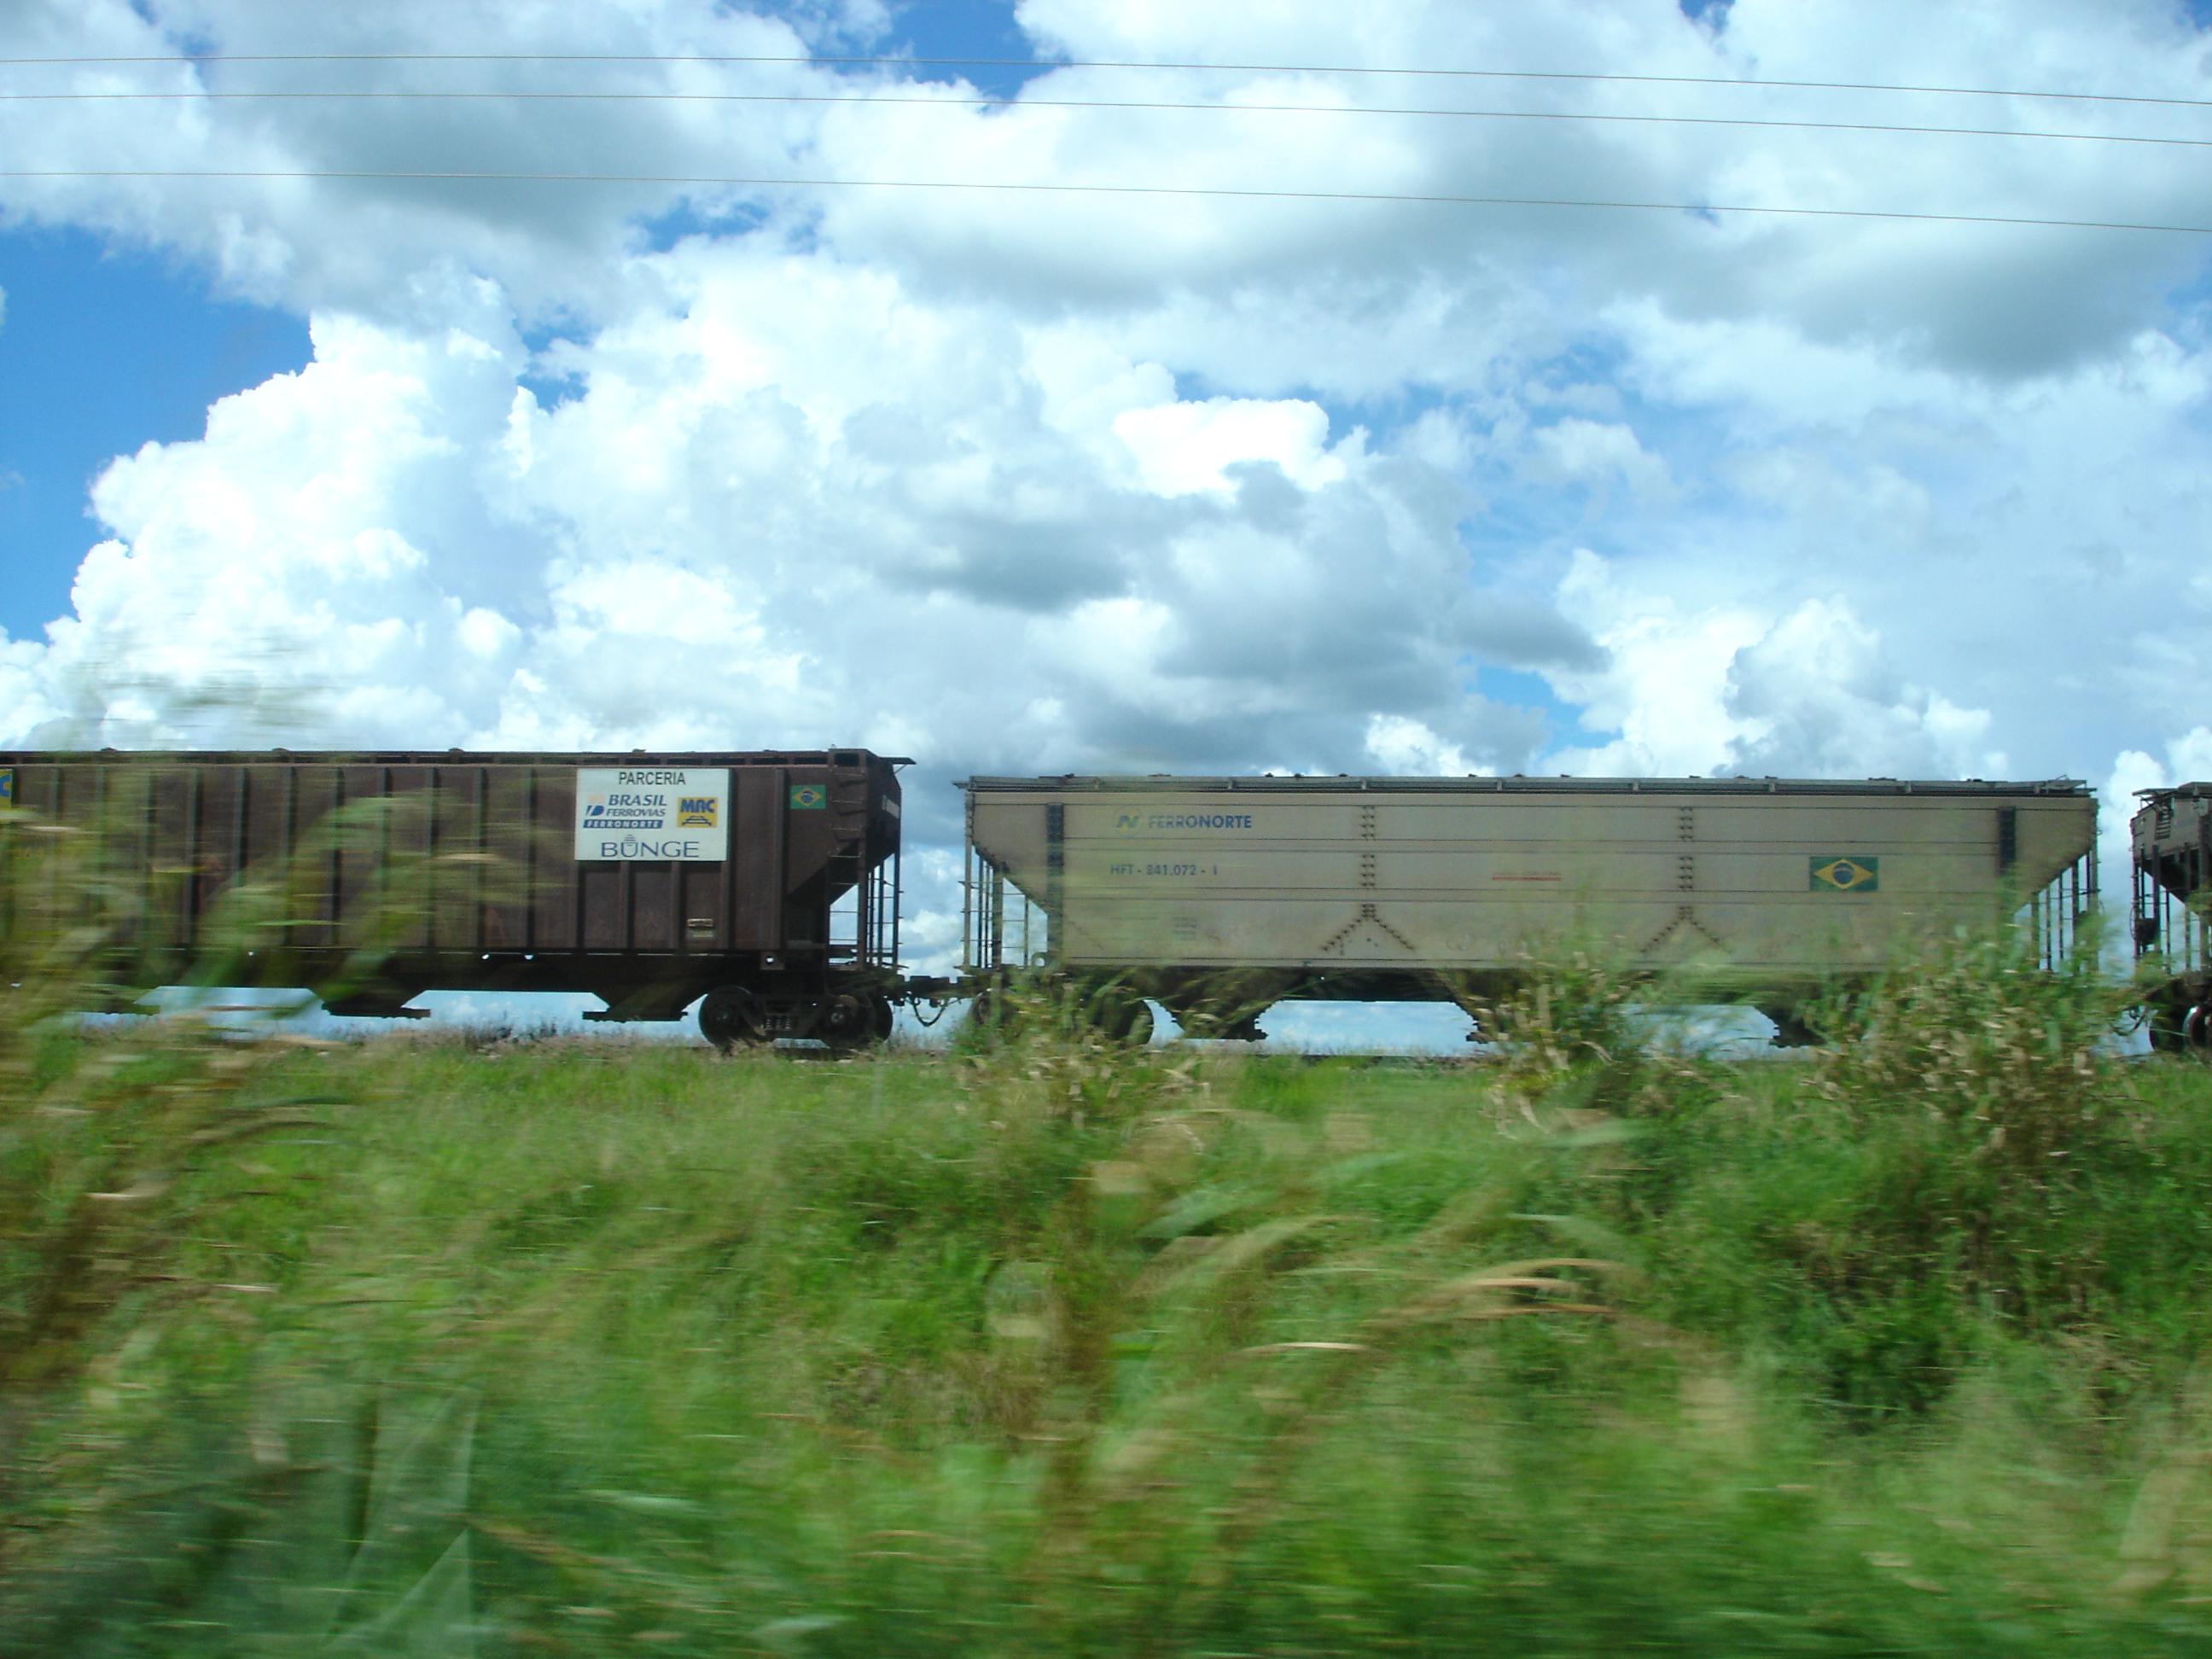 Rail cars on Ferronorte Railroad in Mato Grosso